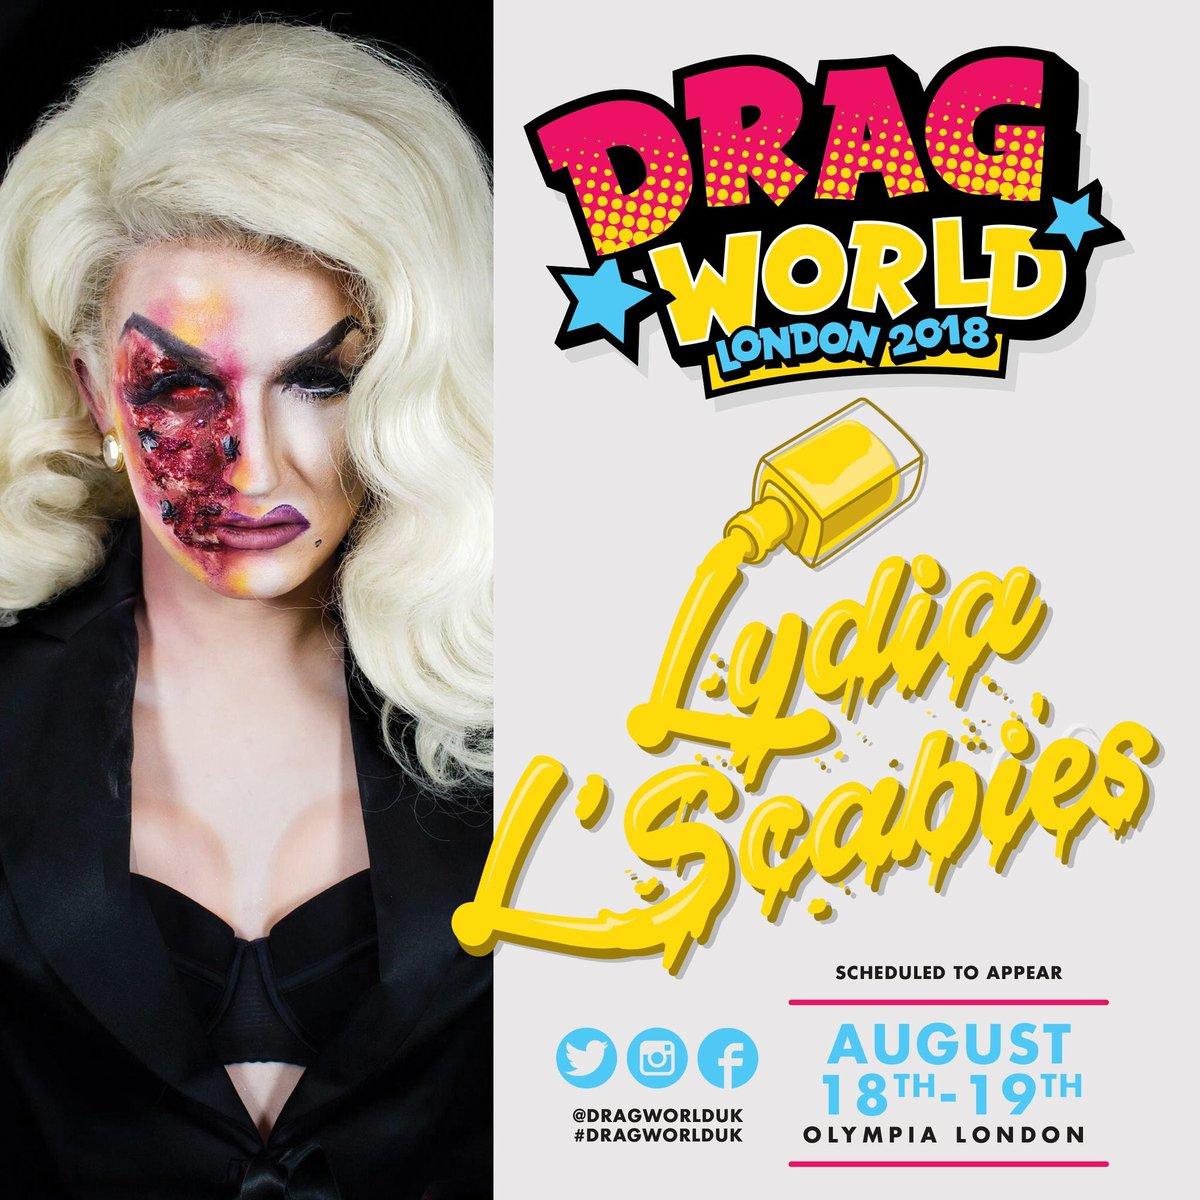 Bildergebnis für lydia l scabies dragworld